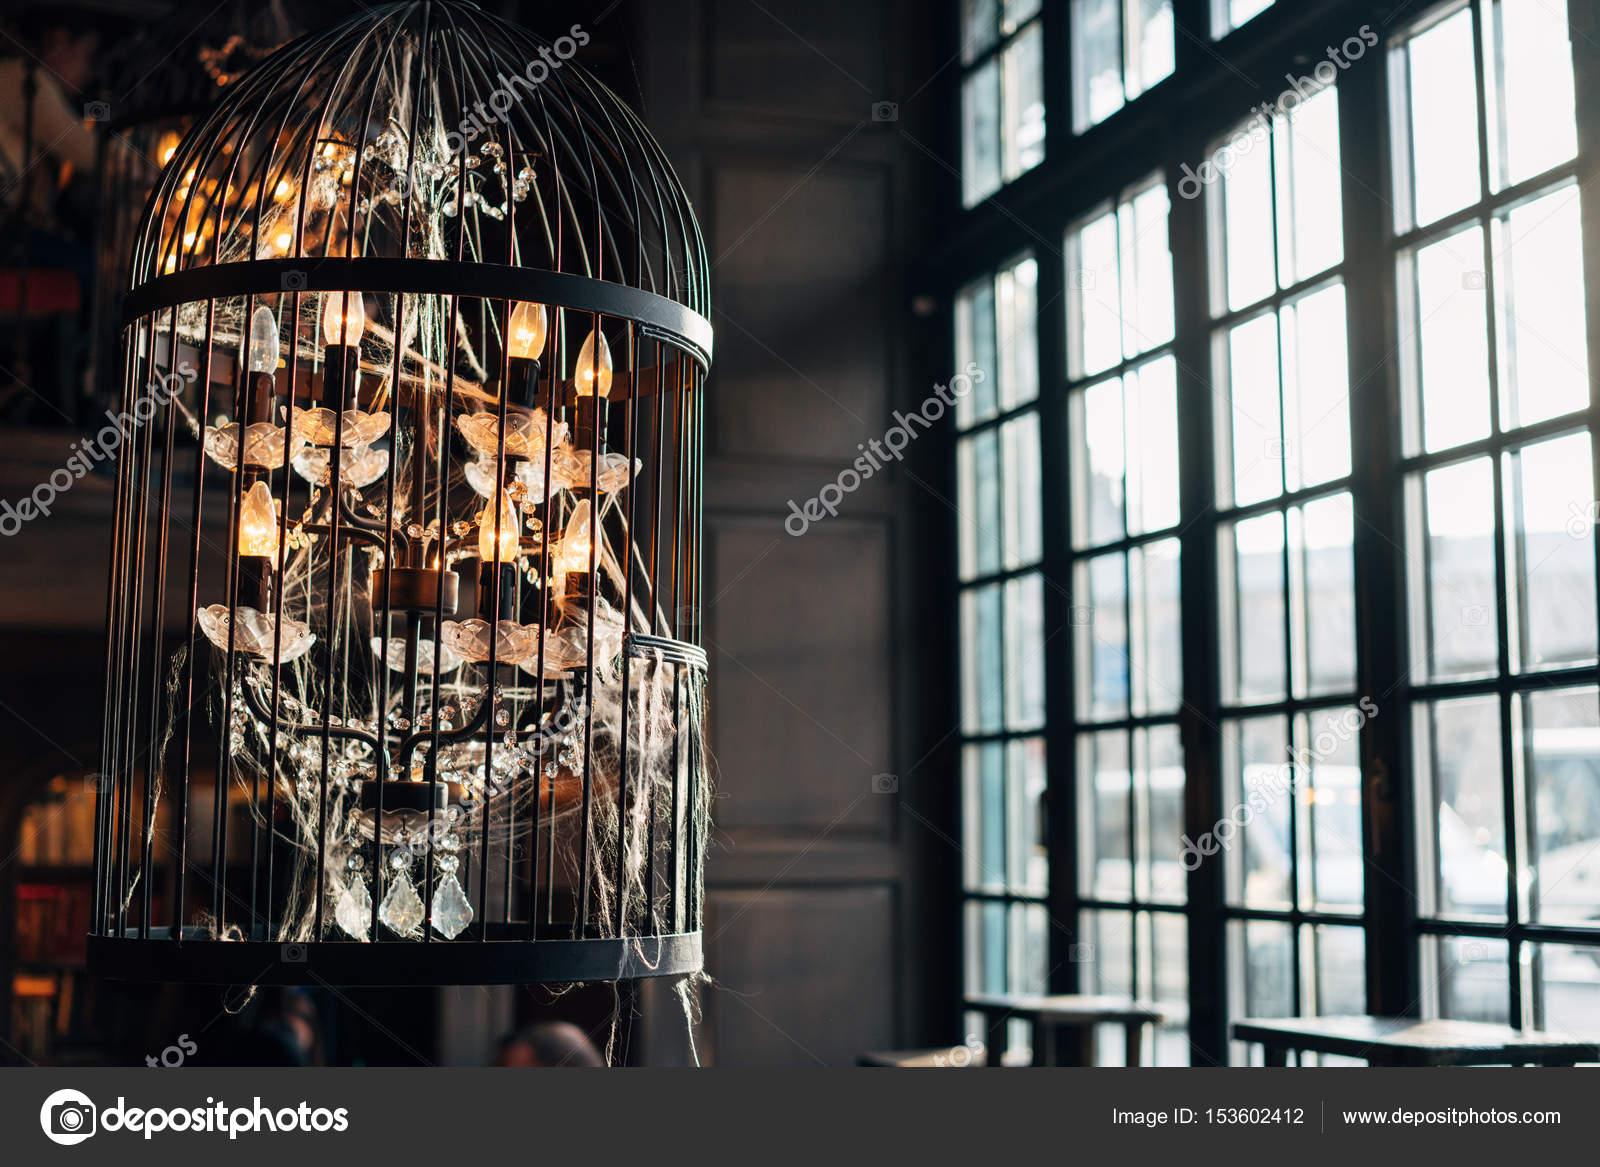 Kronleuchter Alt ~ Alte kronleuchter mit spinnweben u2014 stockfoto © simbiothy #153602412